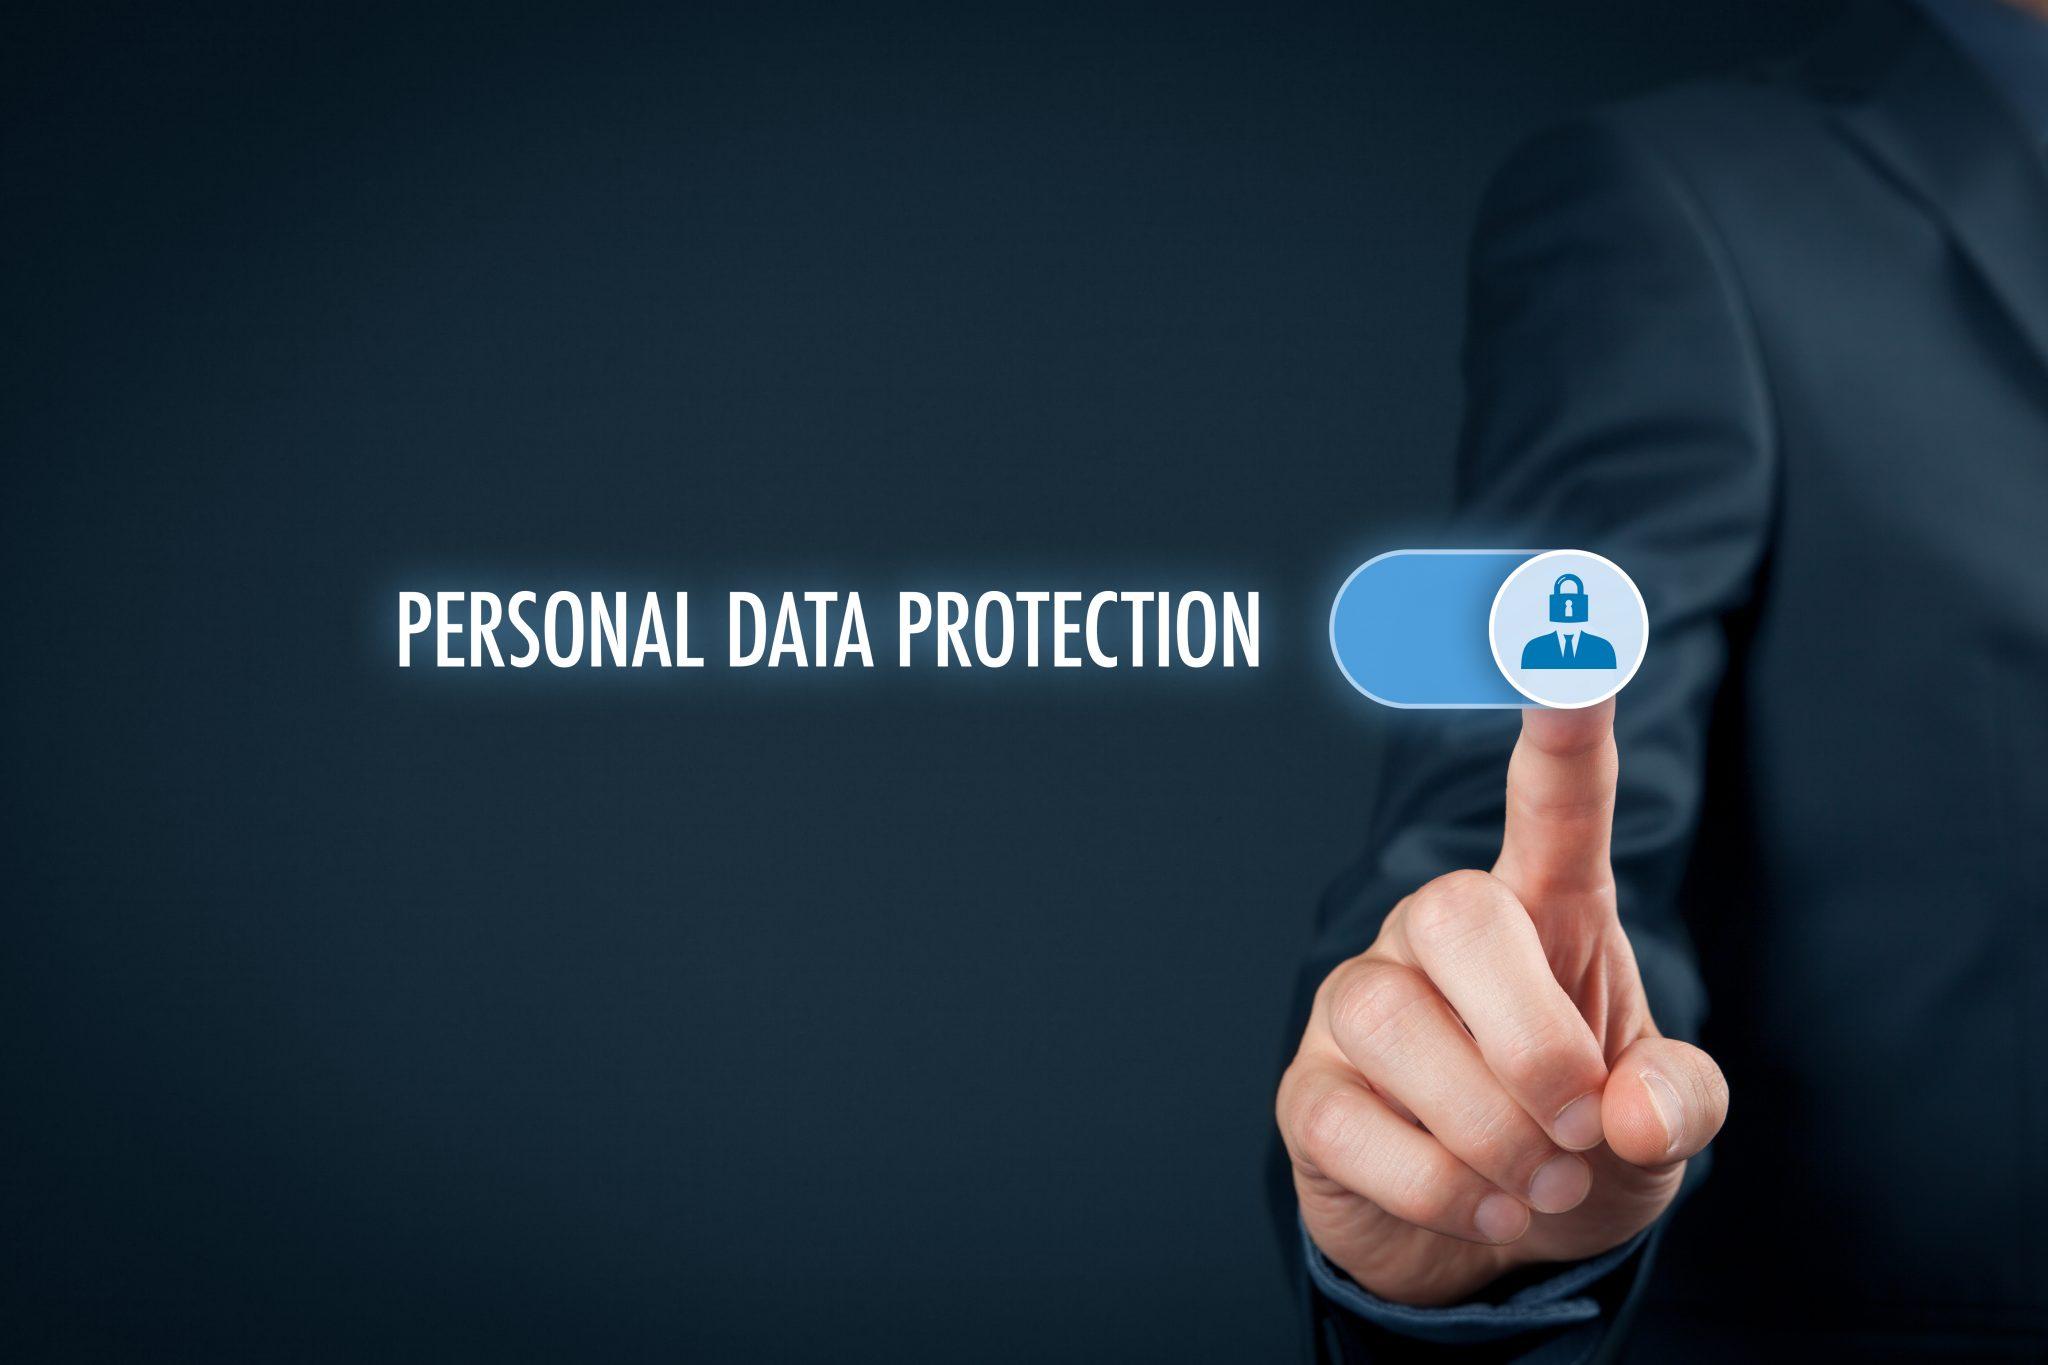 Por qué deben existir leyes para la protección de datos